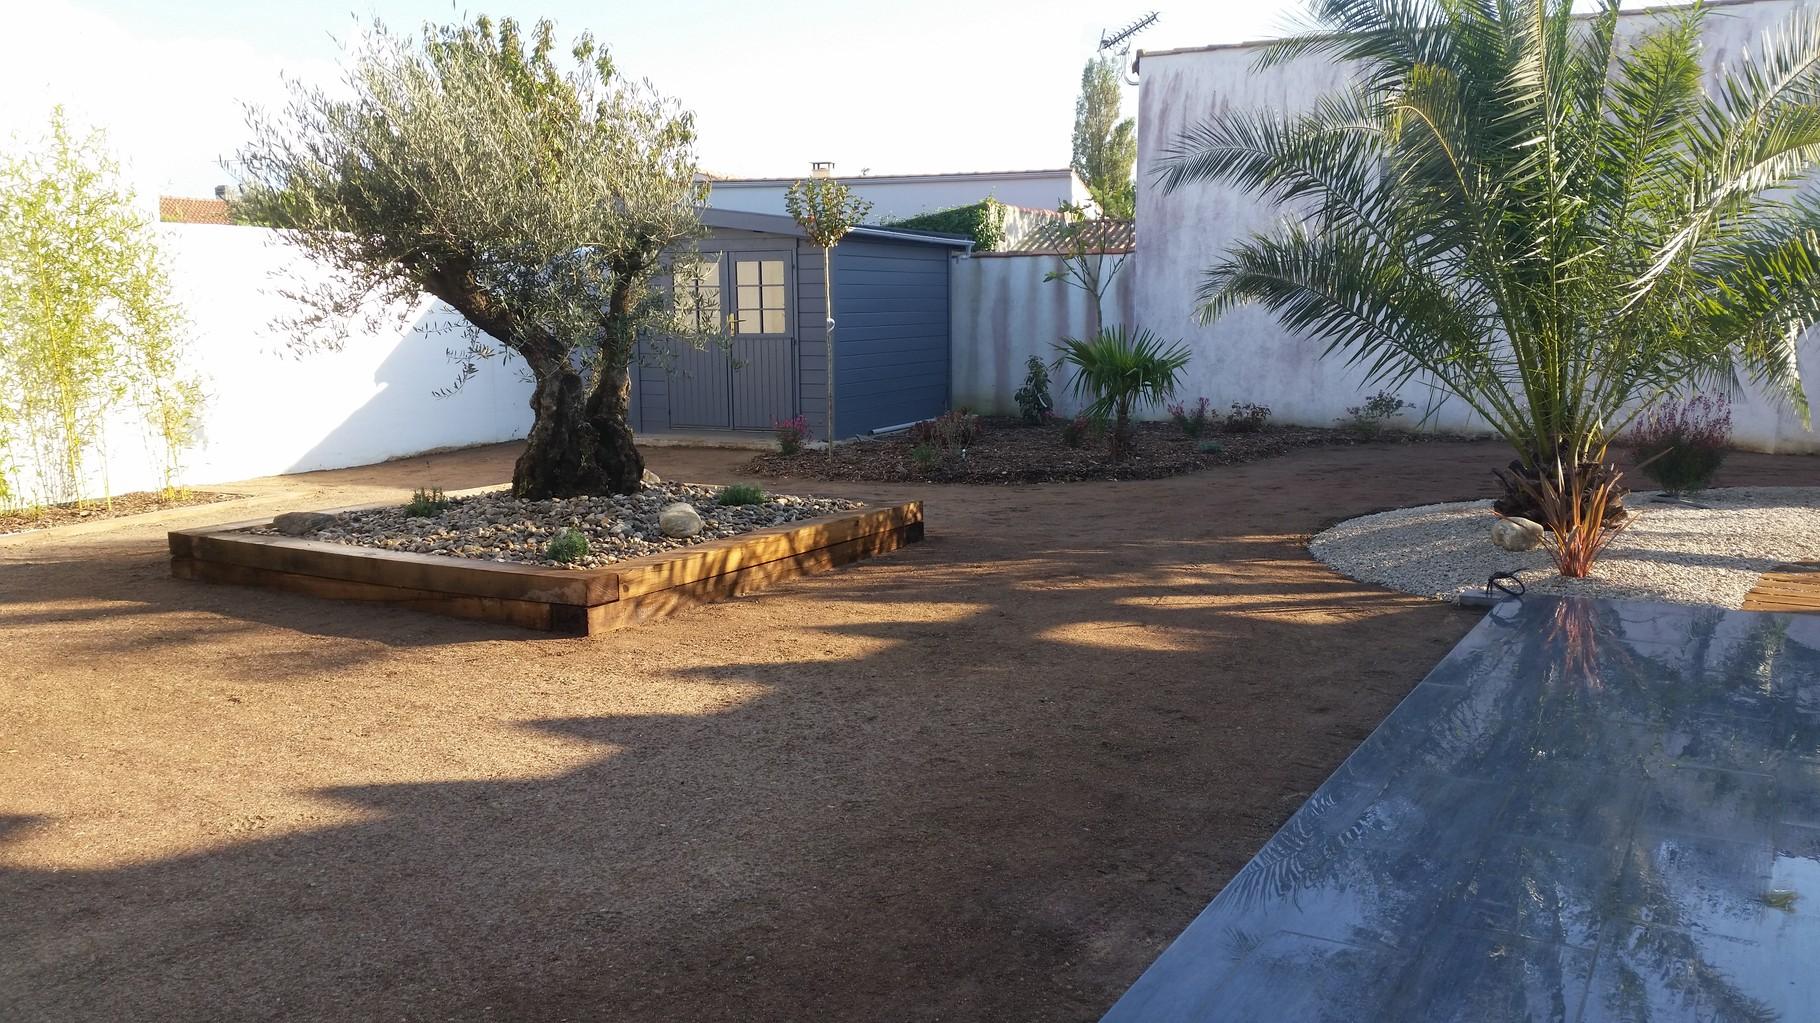 jardin exotique clisson 44 createur et designer d With awesome photo de jardin exotique 0 jardin exotique clisson 44 createur et designer d